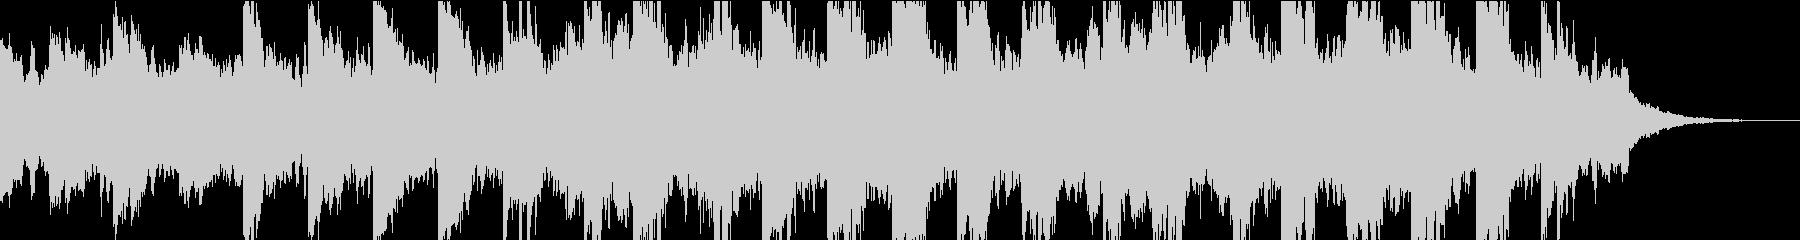 ダークなシンセと民族的雰囲気のBGMの未再生の波形